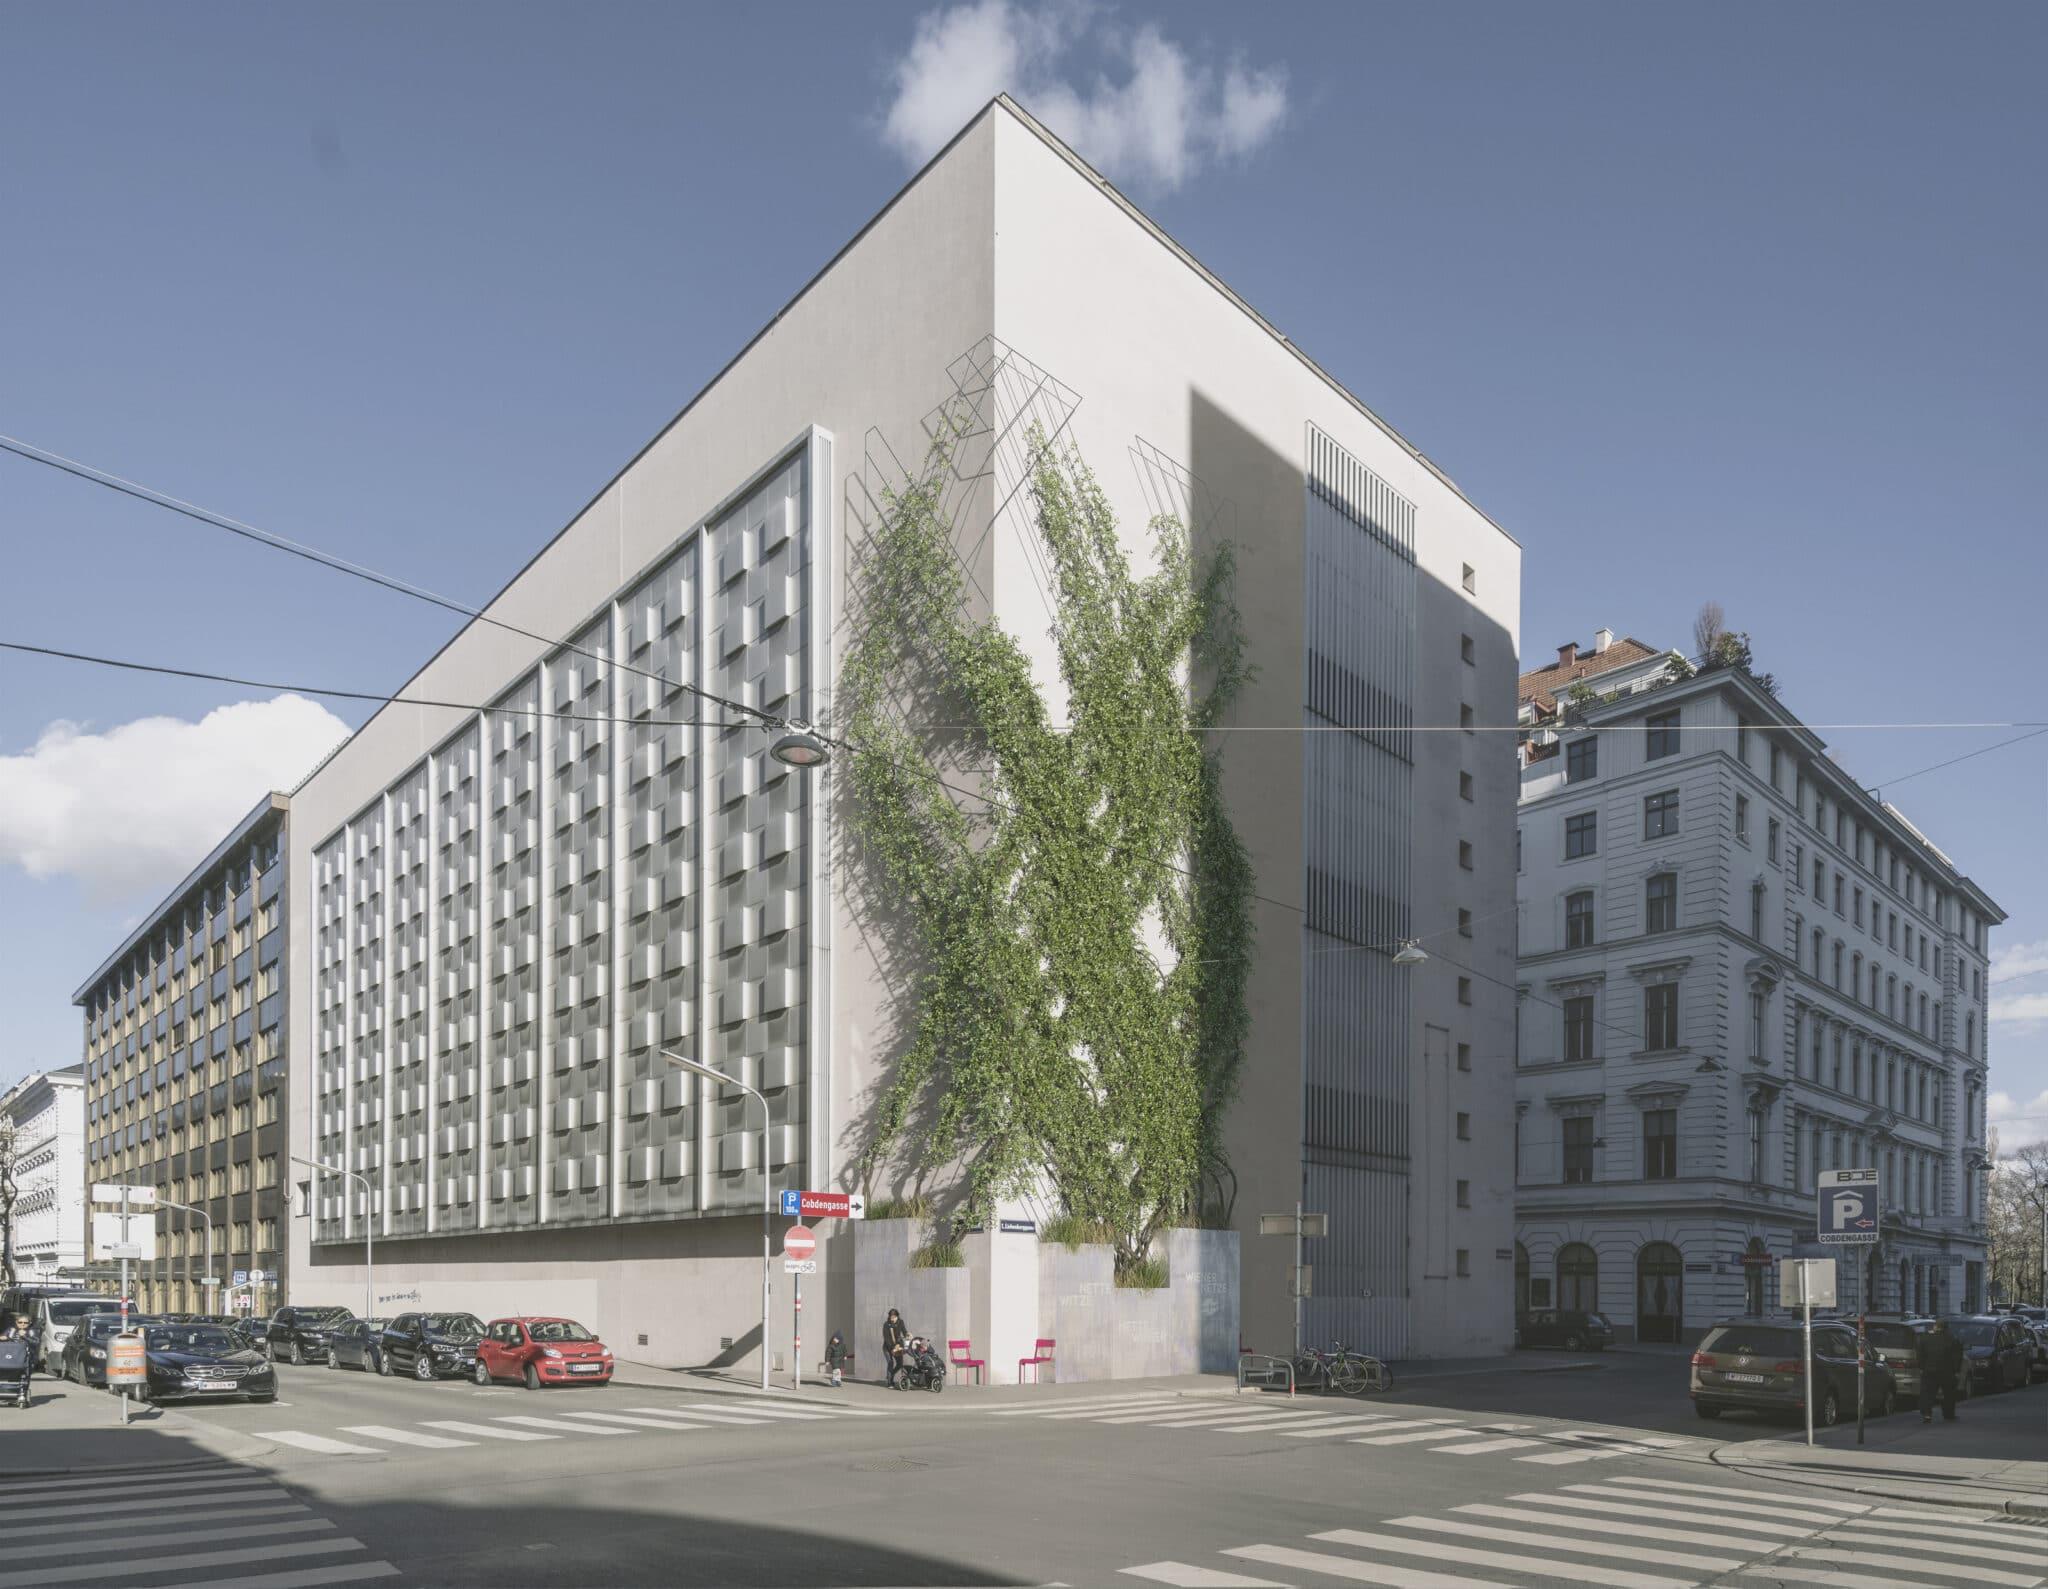 Die Zedlitzhalle ist ein facettenreiches Gebäude. Heute ist darin ein Wiener Netze Umspannwerk beherbergt.